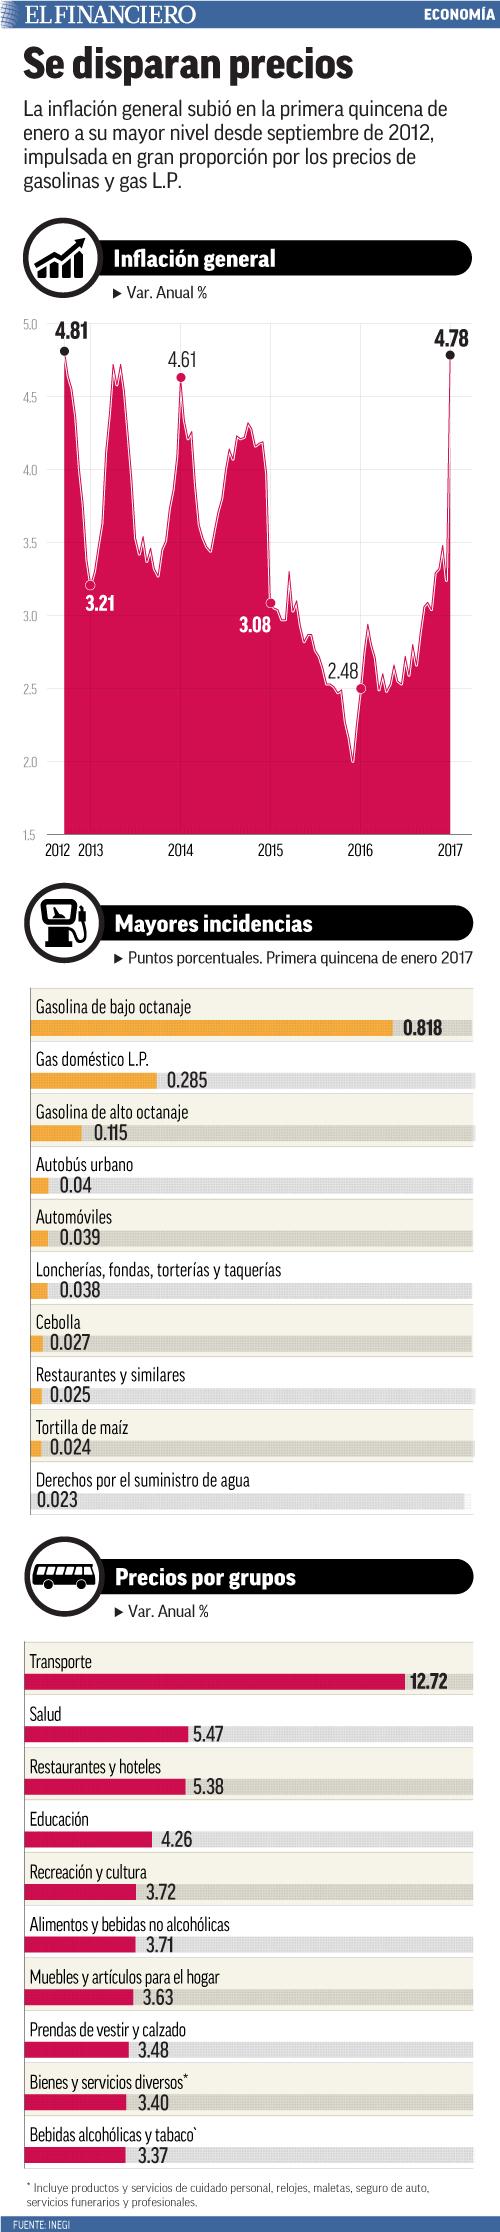 La inflación general subió en la primera quincena de enero a su mayor nivel desde septiembre de 2012, impulsada en gran proporción por los precios de gasolinas y gas L.P.